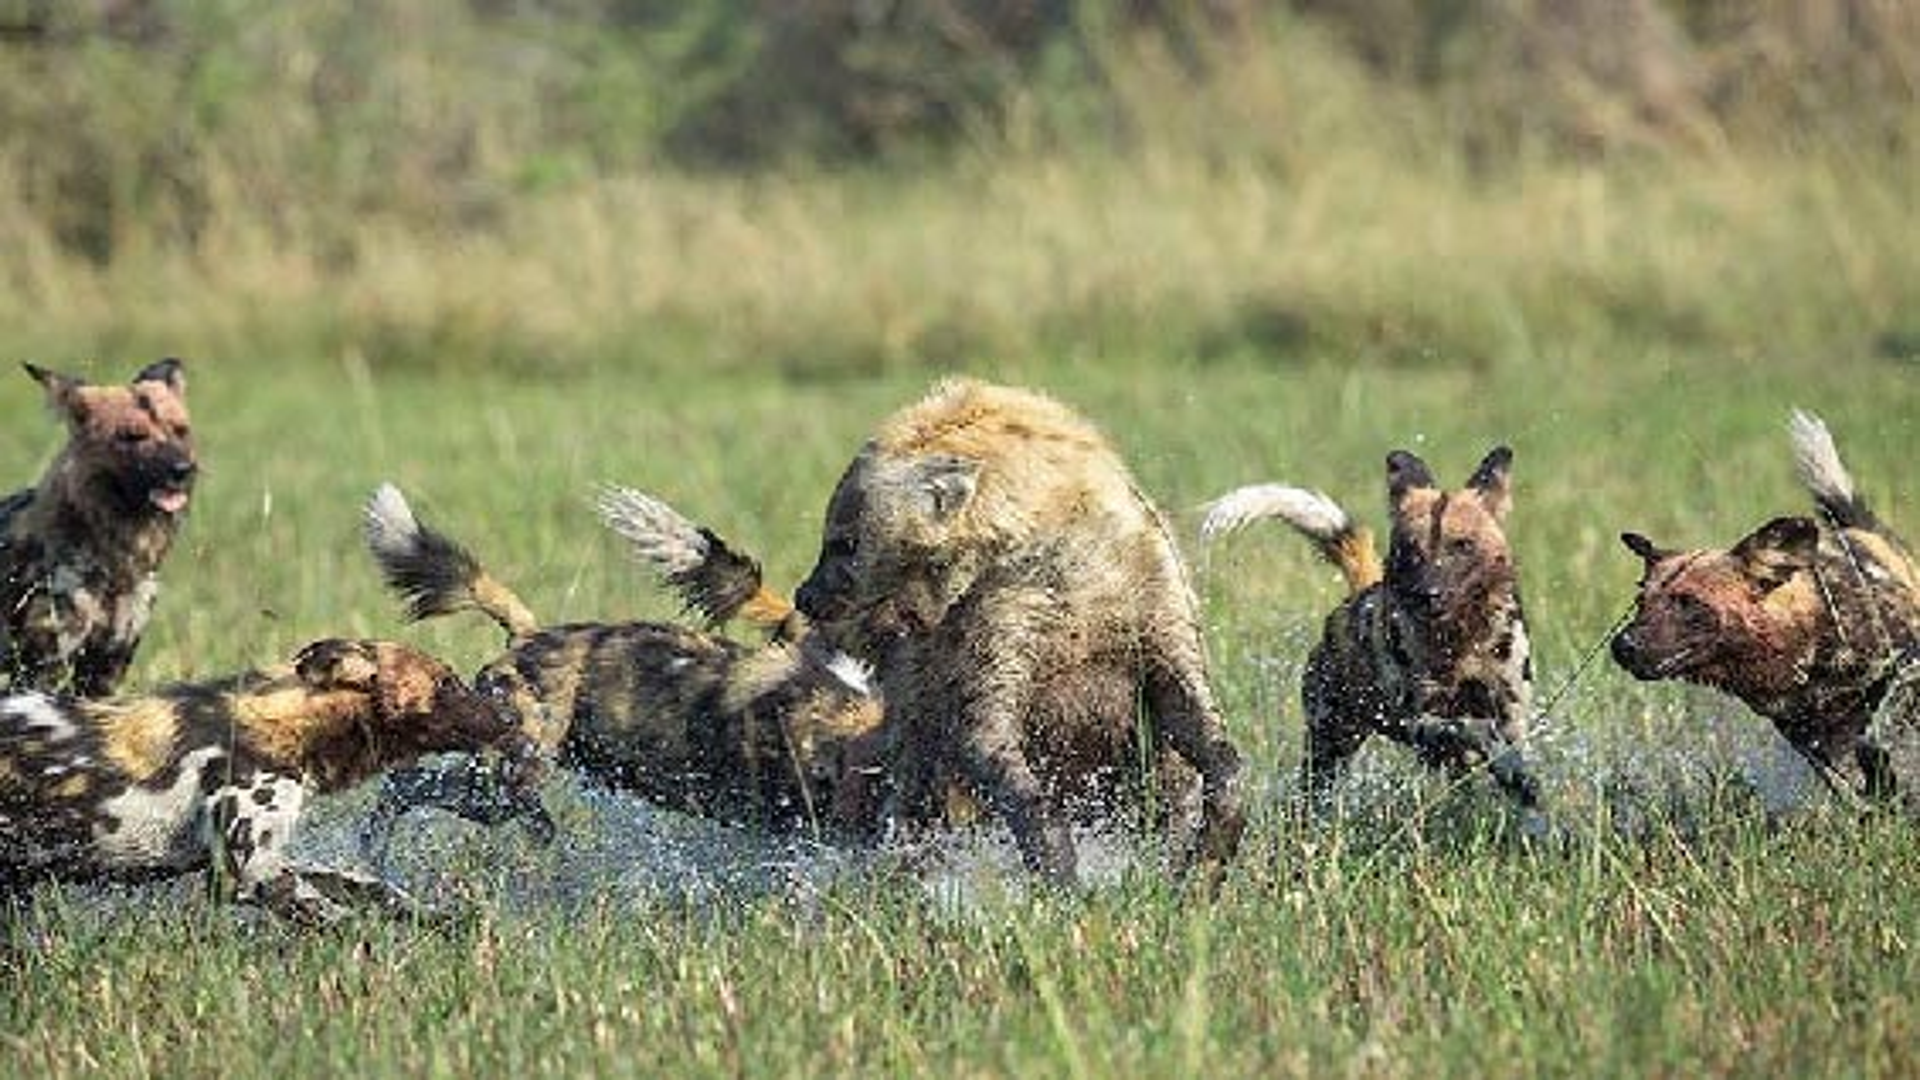 حمله سگهای وحشی به کفتار تنها | فیلم